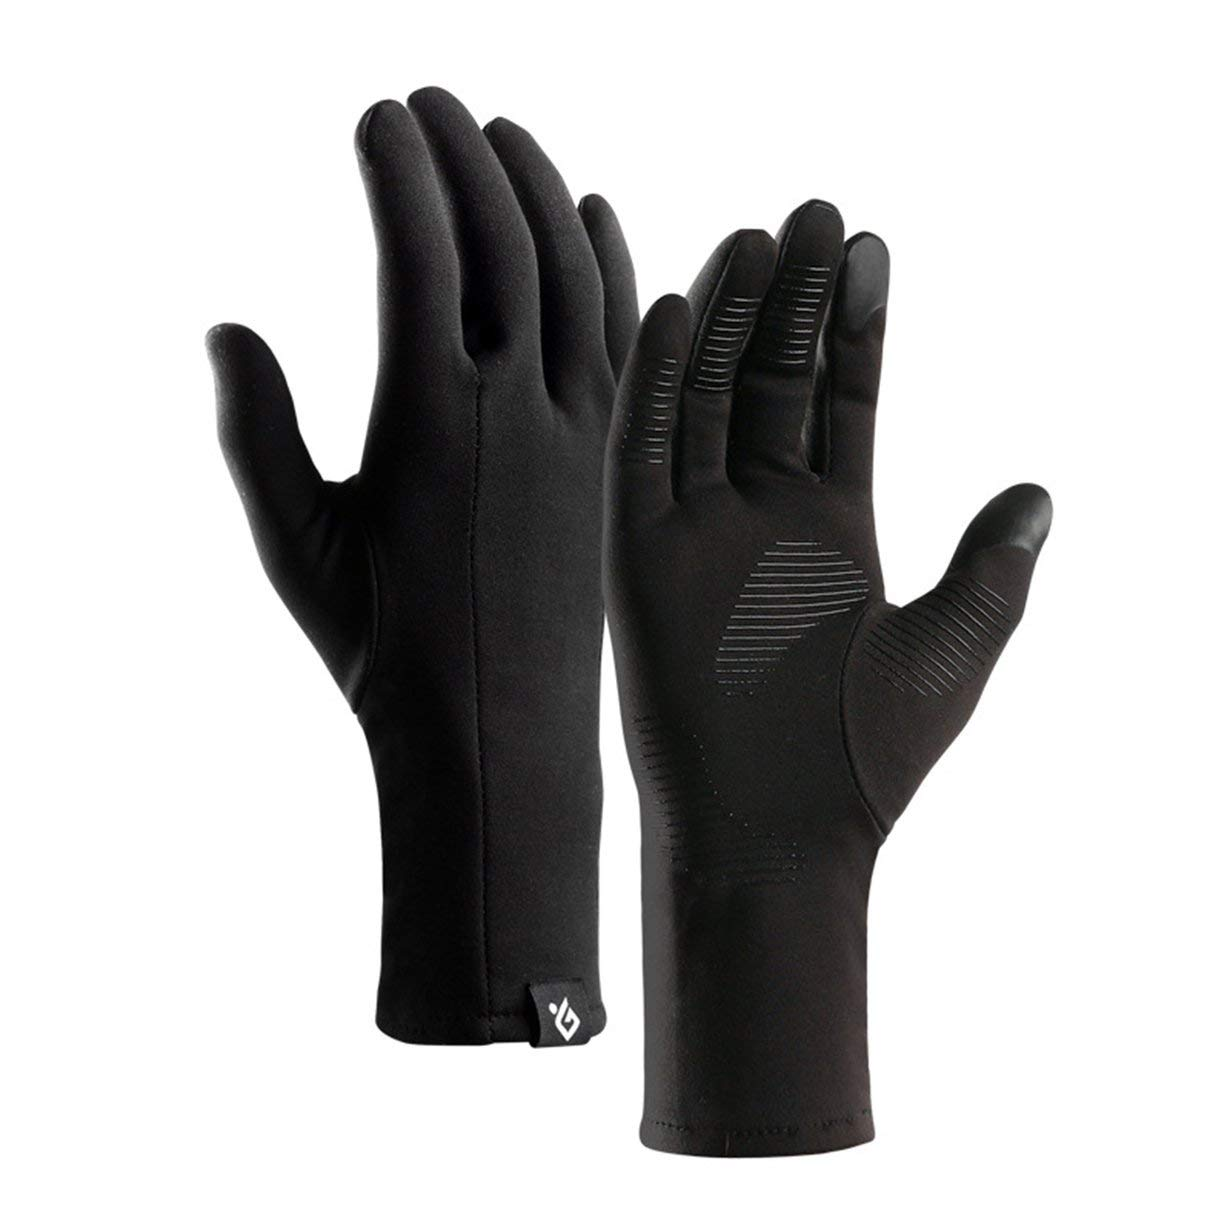 Noir Camellia Gants de Protection pour Gants complets Gants Tactiques Sports d/équitation Fitness Escalade Gants antid/érapants